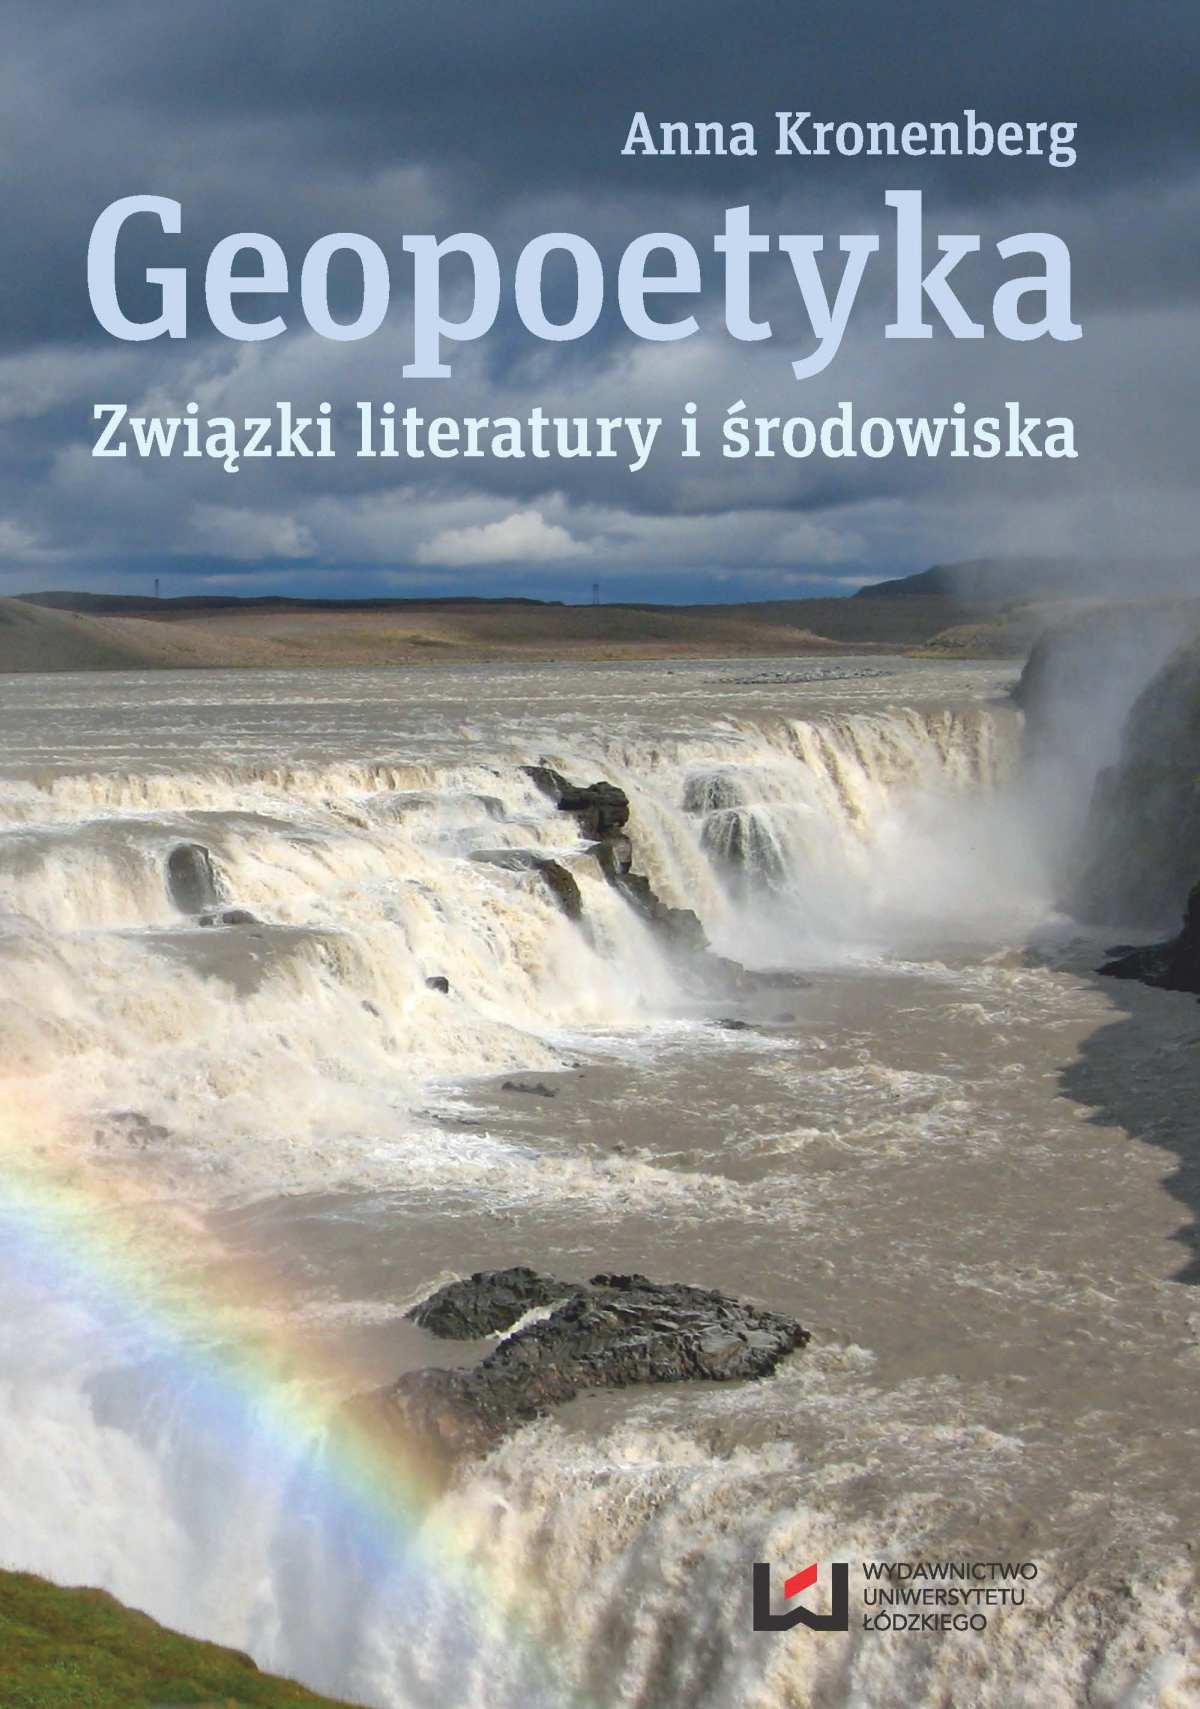 Geopoetyka. Związki literatury i środowiska - Ebook (Książka PDF) do pobrania w formacie PDF